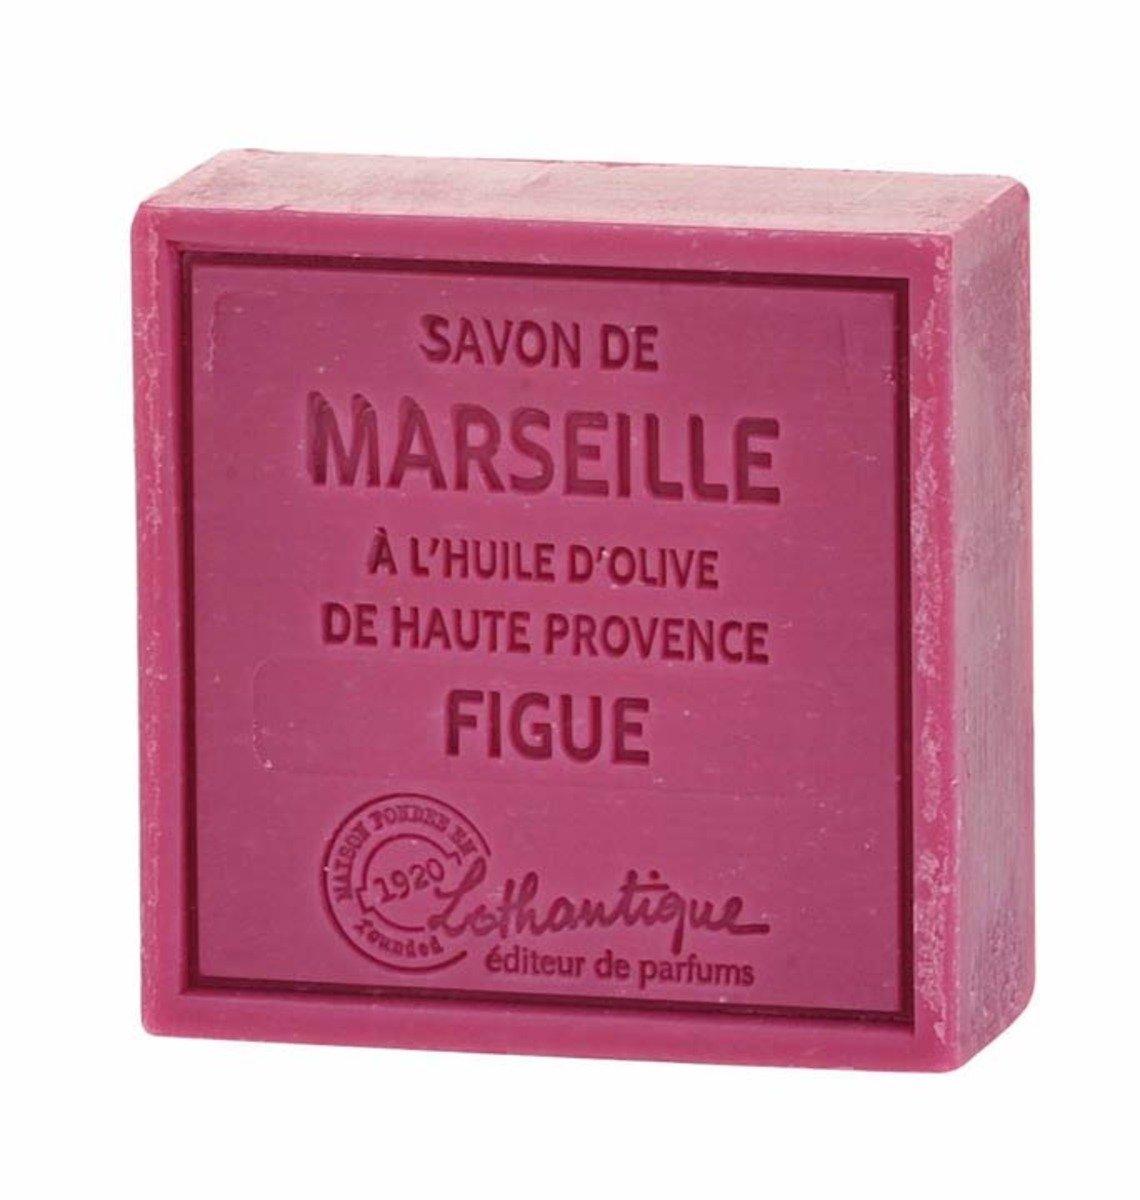 法國馬賽肥皂 - 無花果